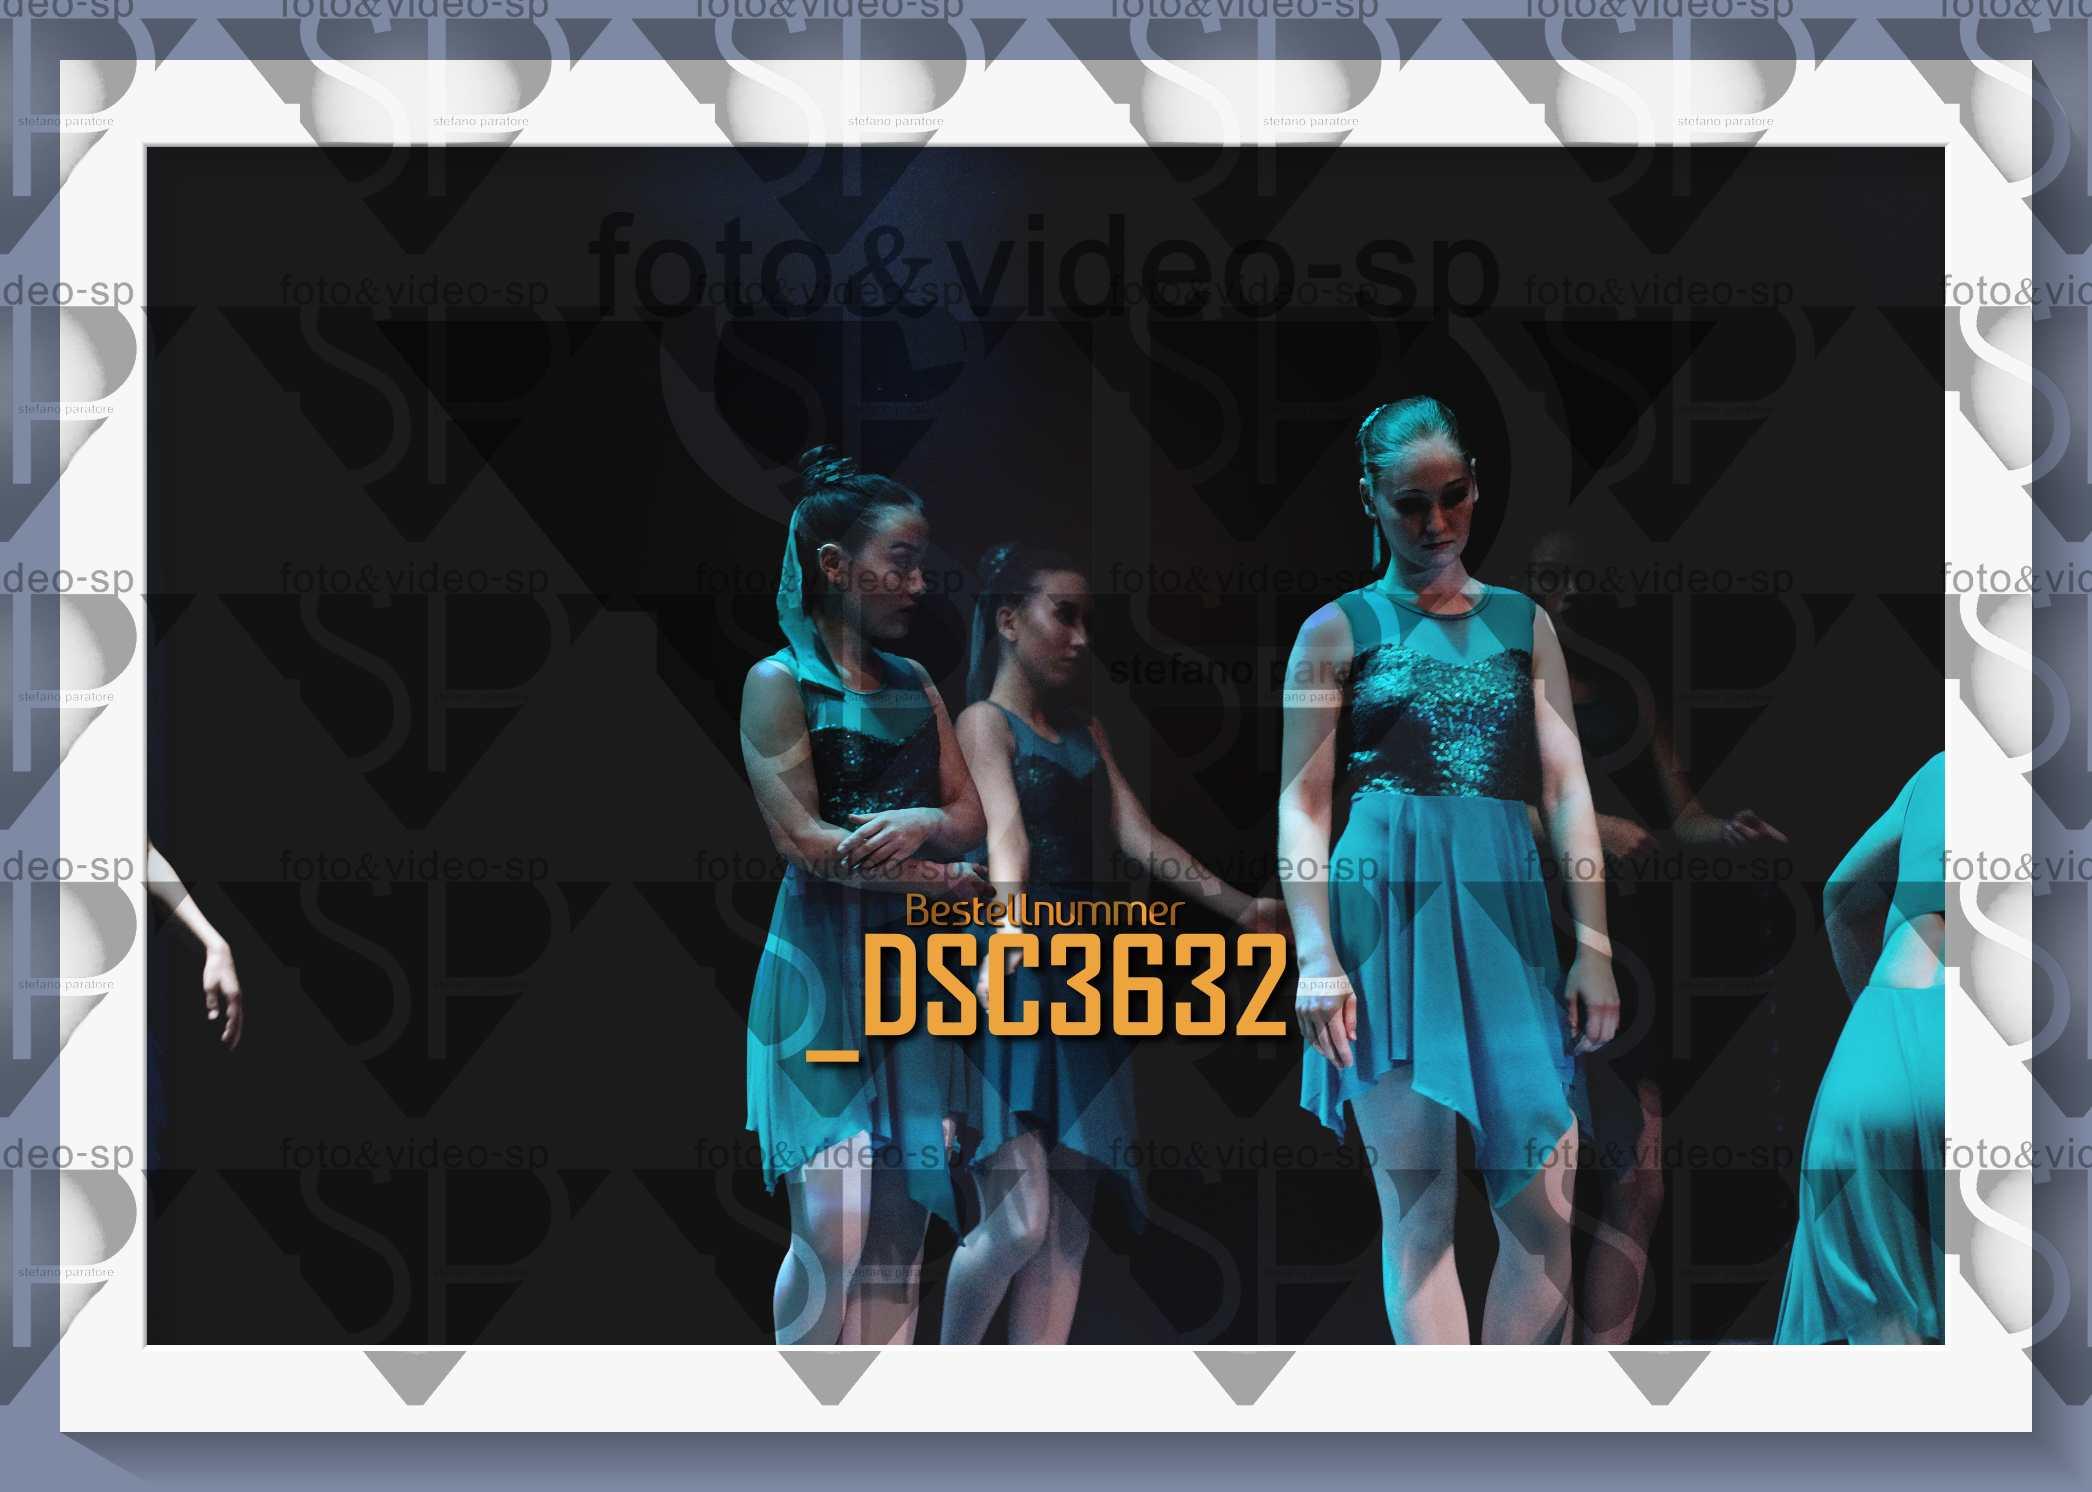 DSC3632